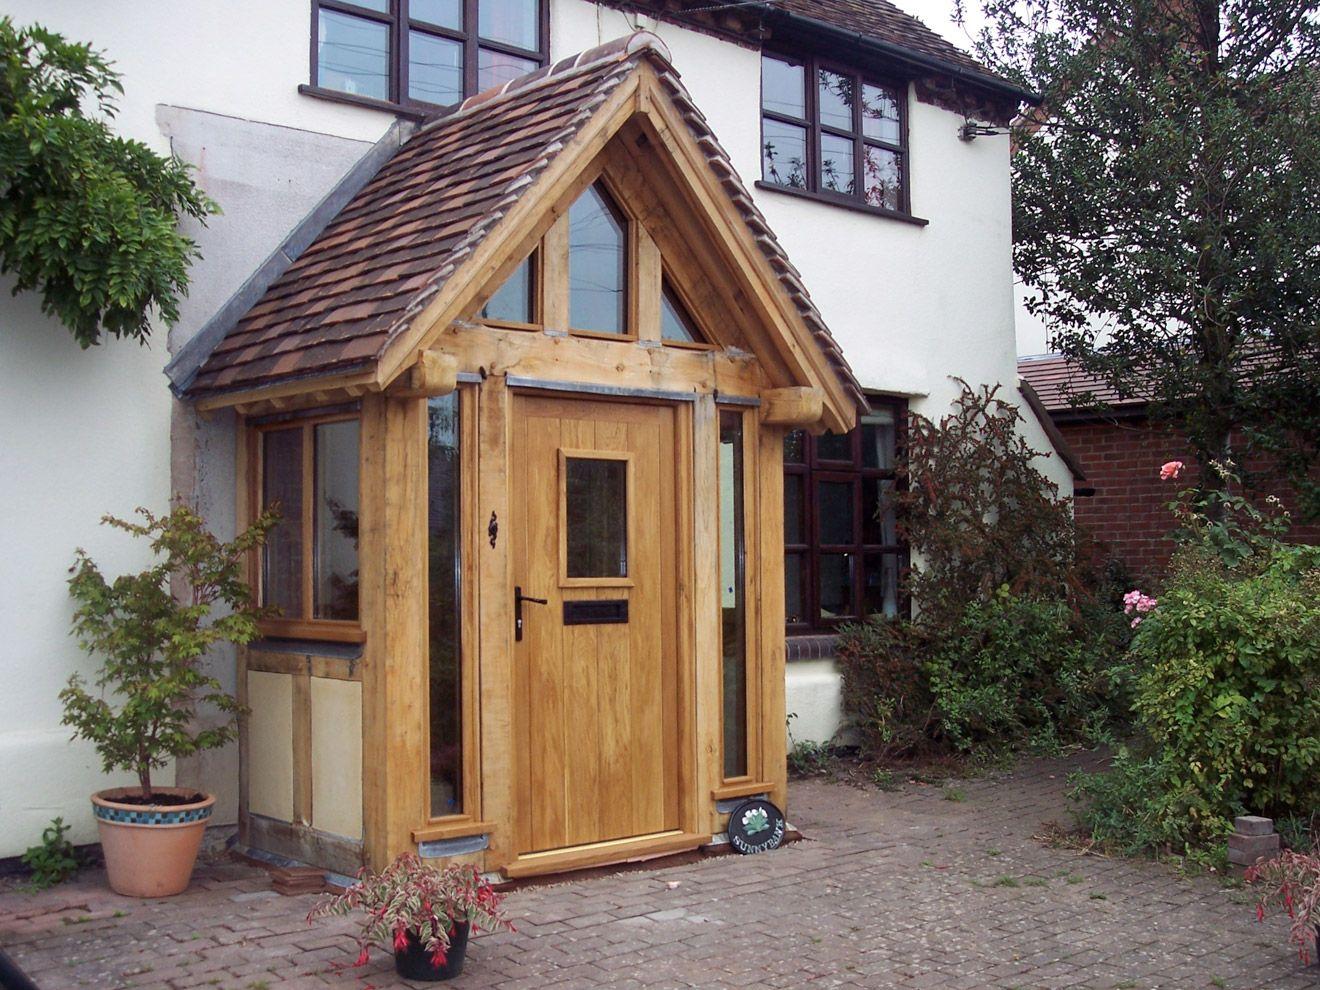 Porches and Sheds Border Oak oak framed houses, oak